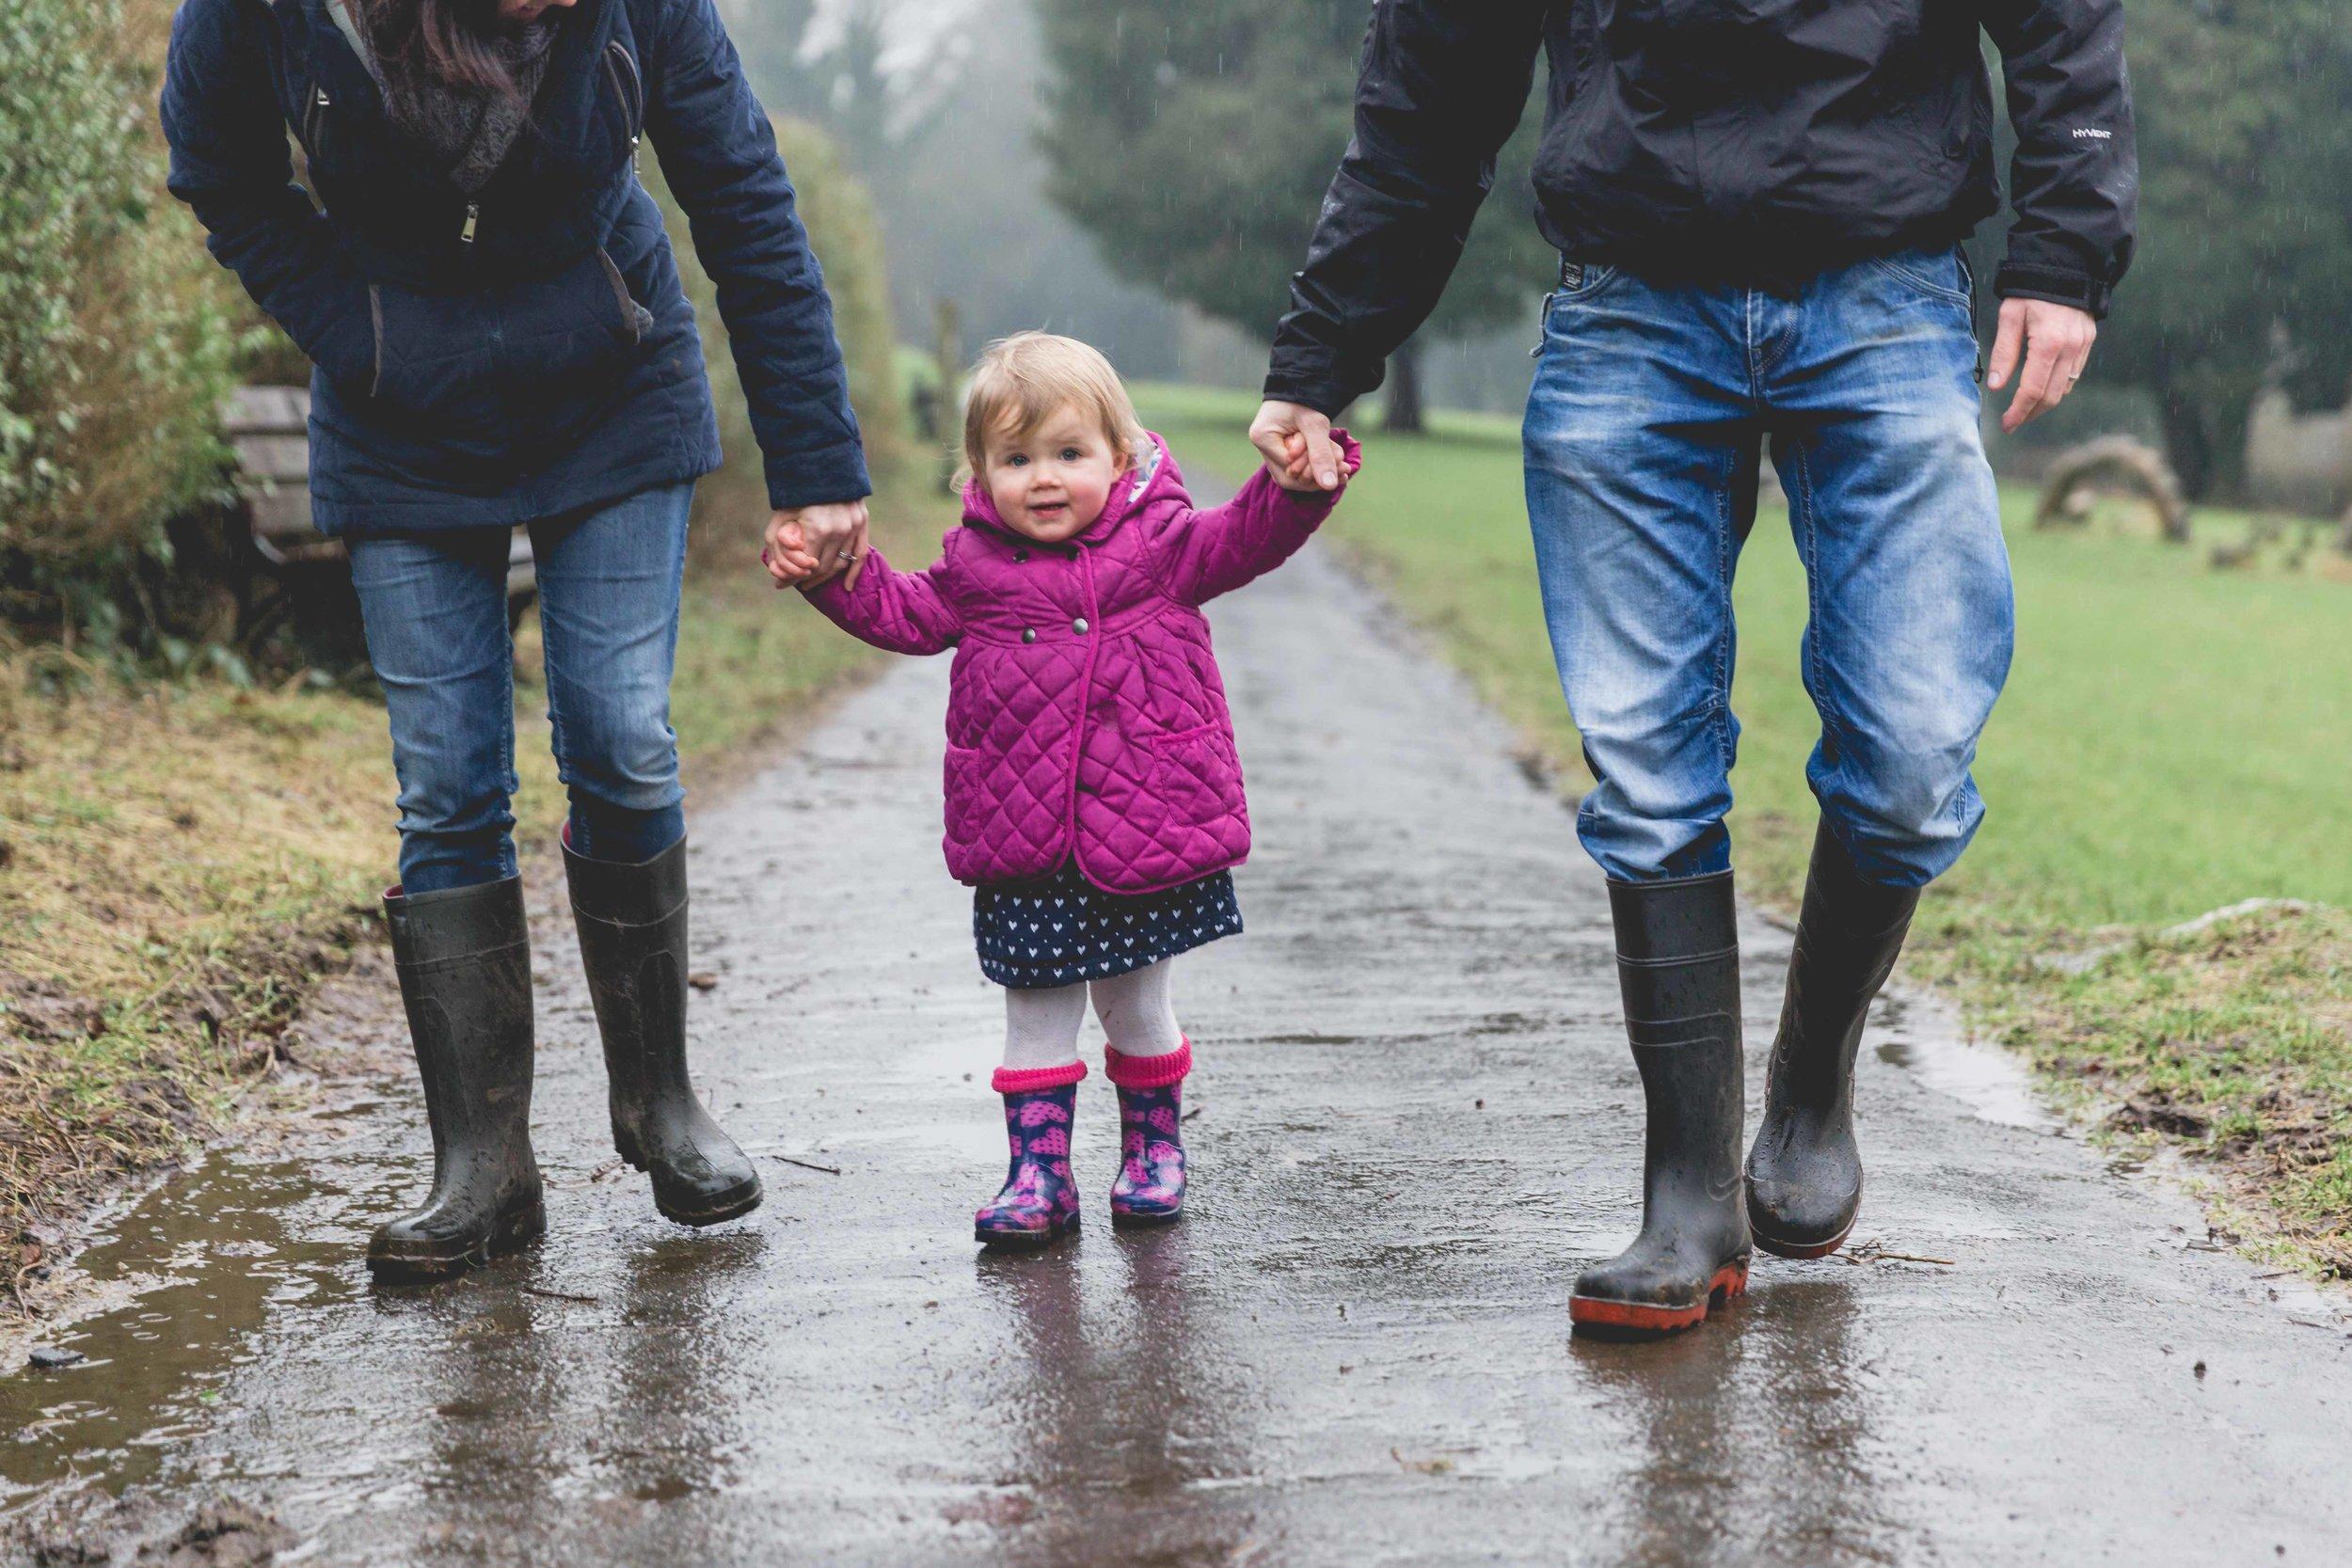 Family-minishoot-Brungerley Park-Clitheroe-Lancashire-photo-45.jpg